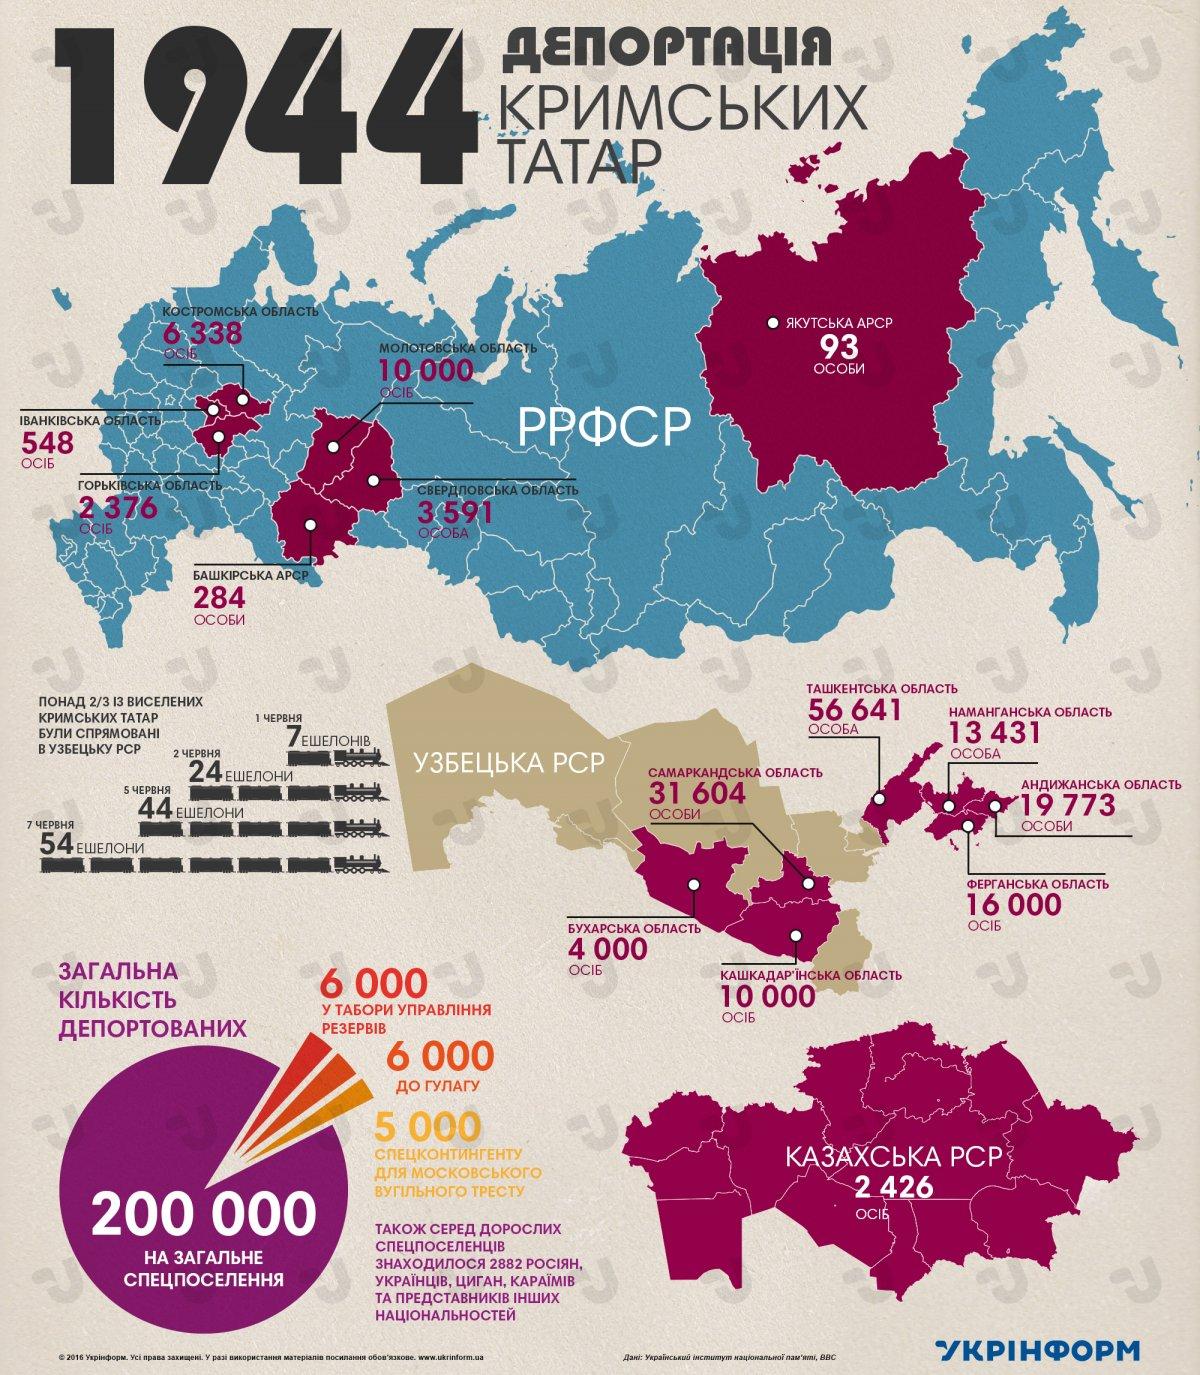 Крым, где преобладает российское население, - результат политики сталинского режима: издан масштабный сборник документов о полуострове - Цензор.НЕТ 971